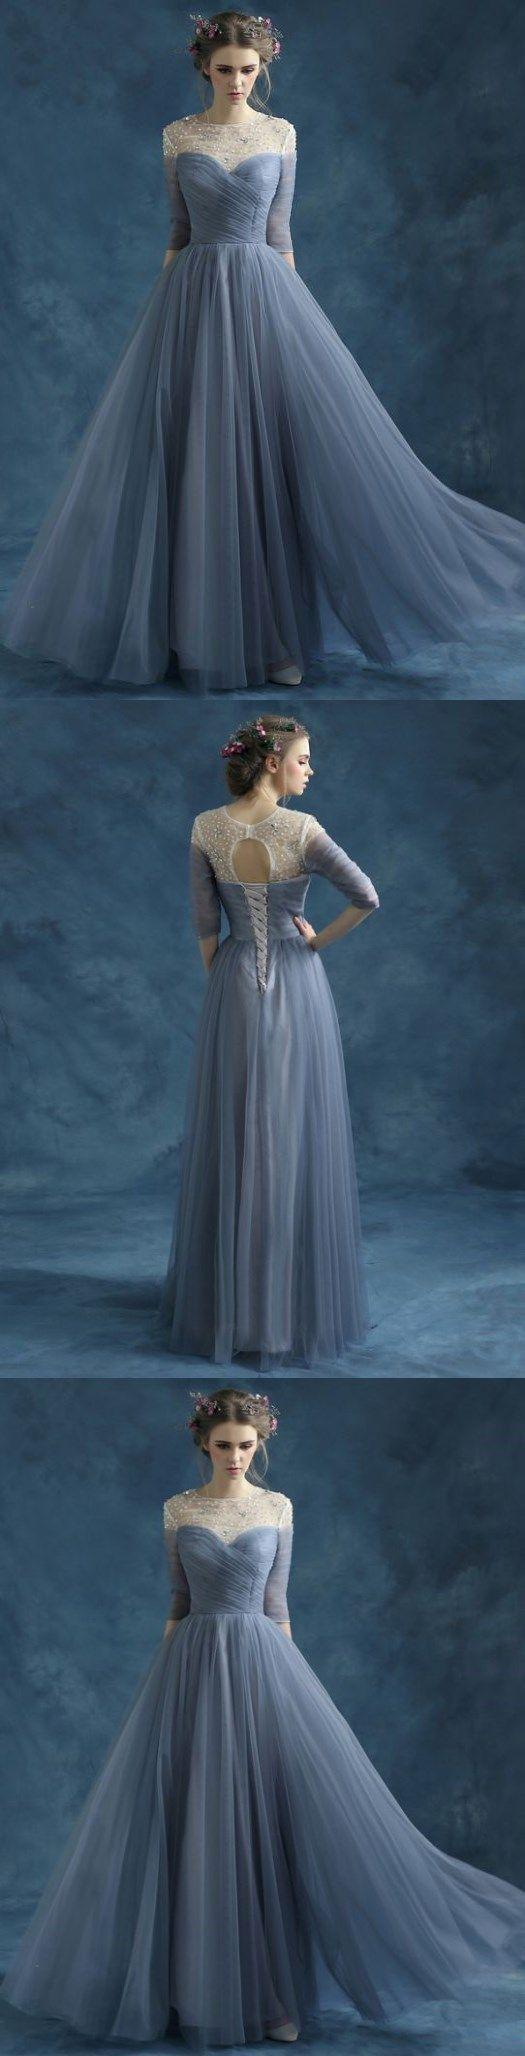 cocktailkleider,ballkleider,festliche kleider,partykleider #liebekleider #abendkleider #elegante-Kleider